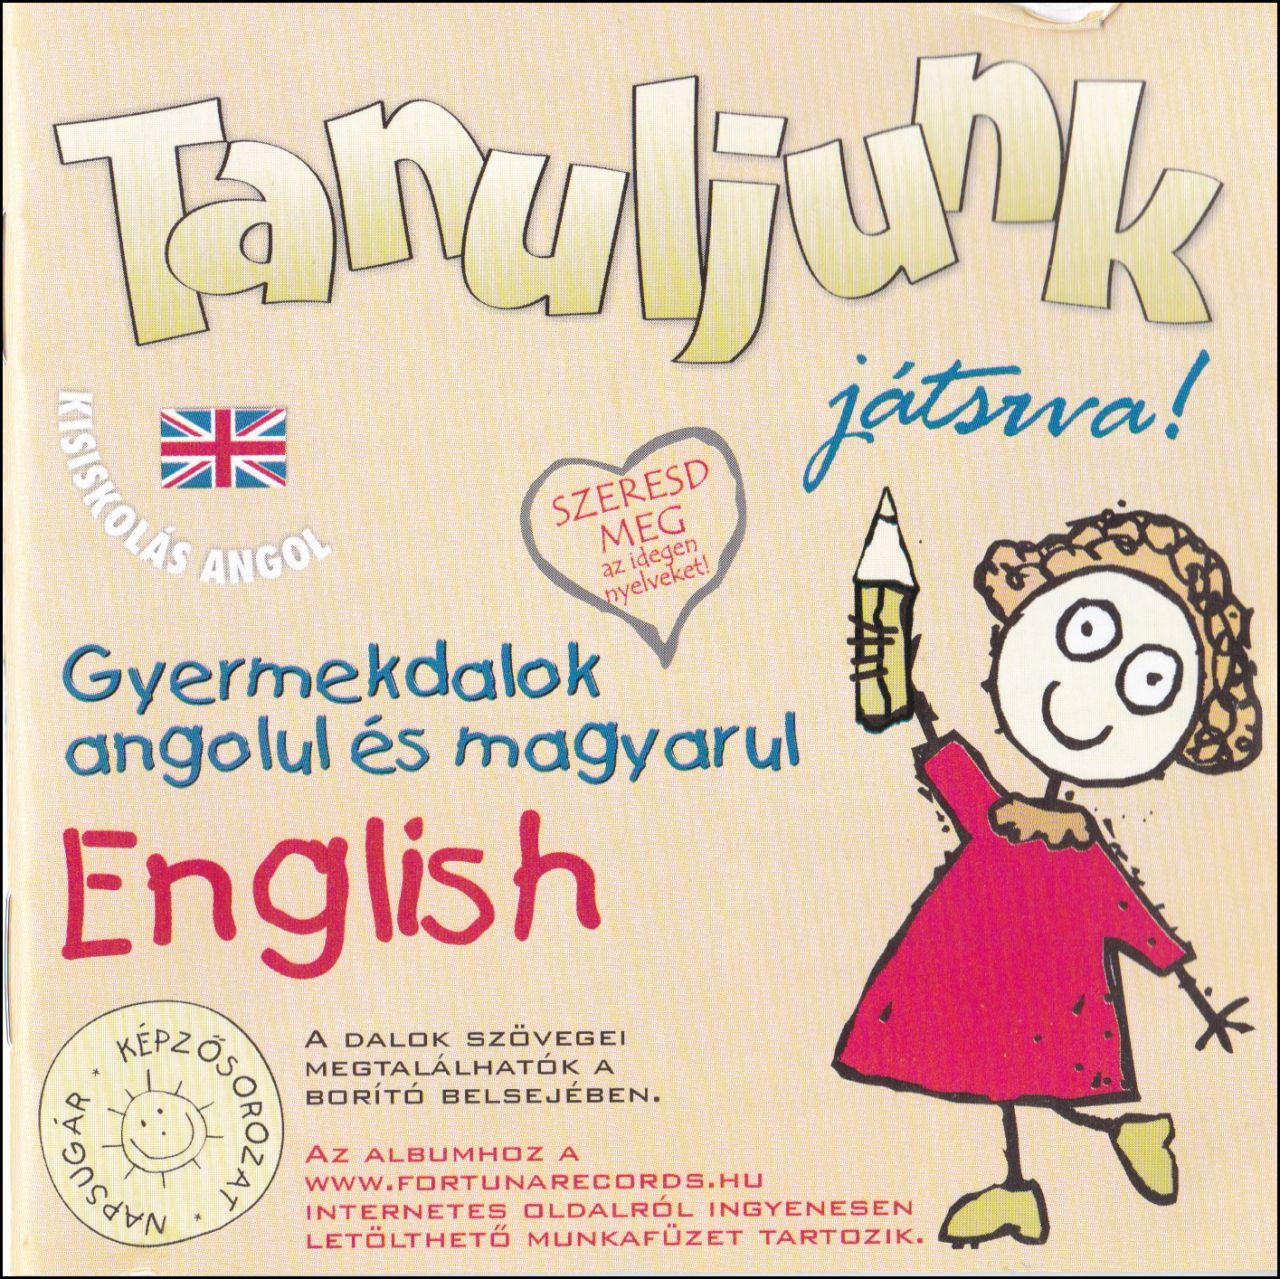 Tanuljunk játszva! Gyermekdalok angolul és magyarul (CD)